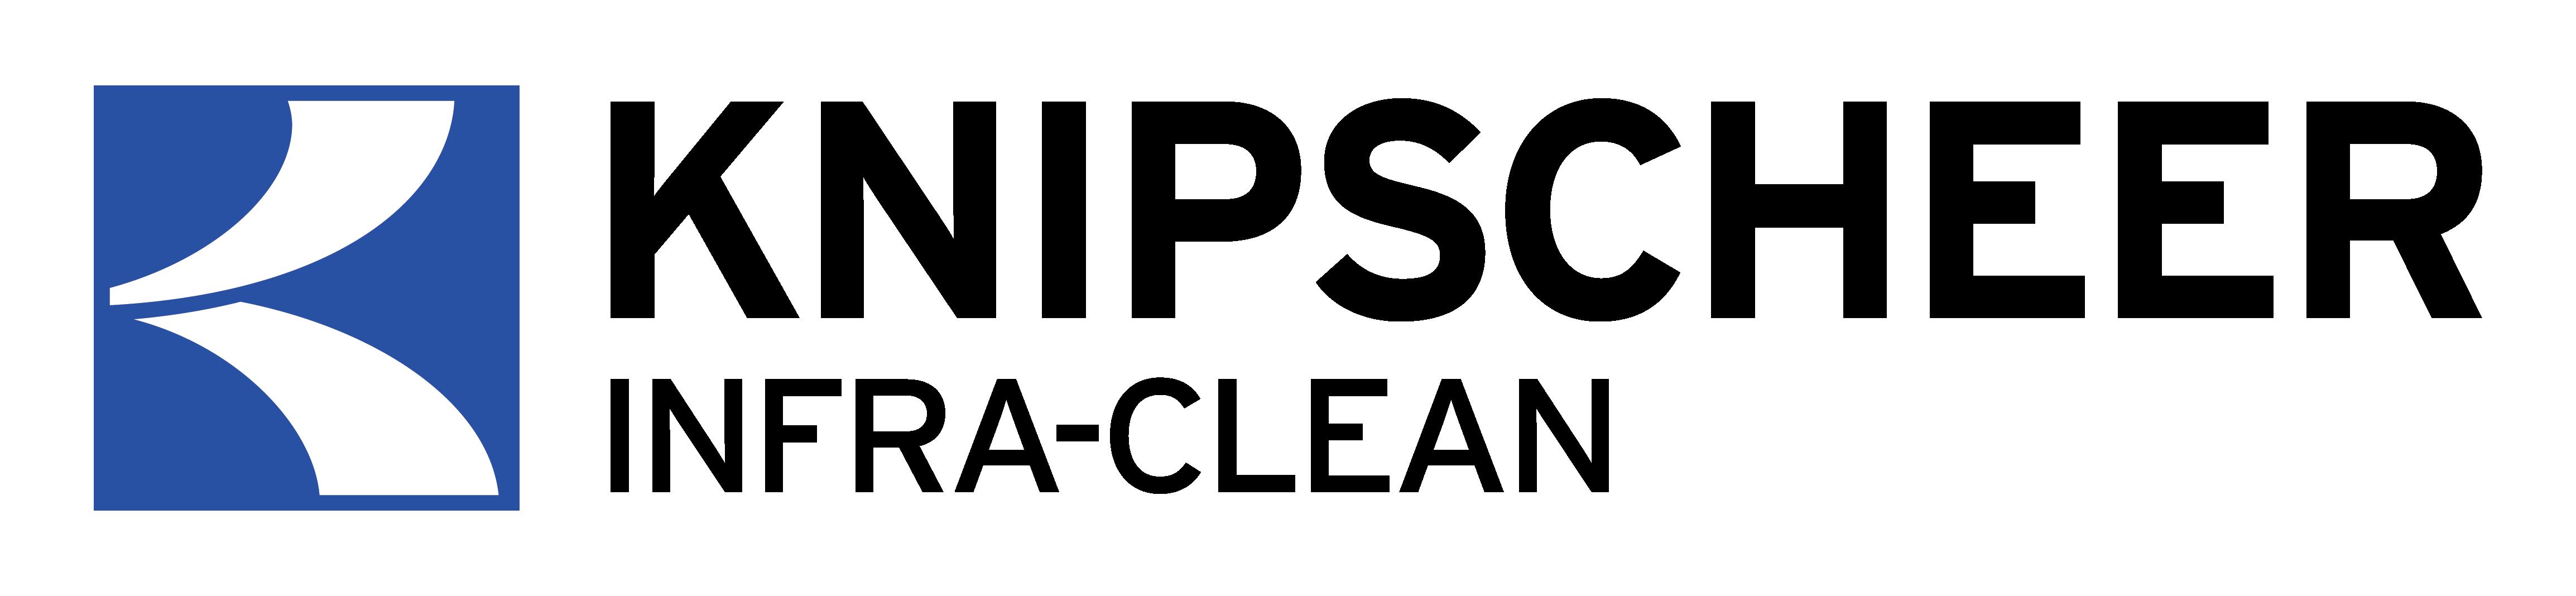 Knipscheer Infra-Clean B.V.